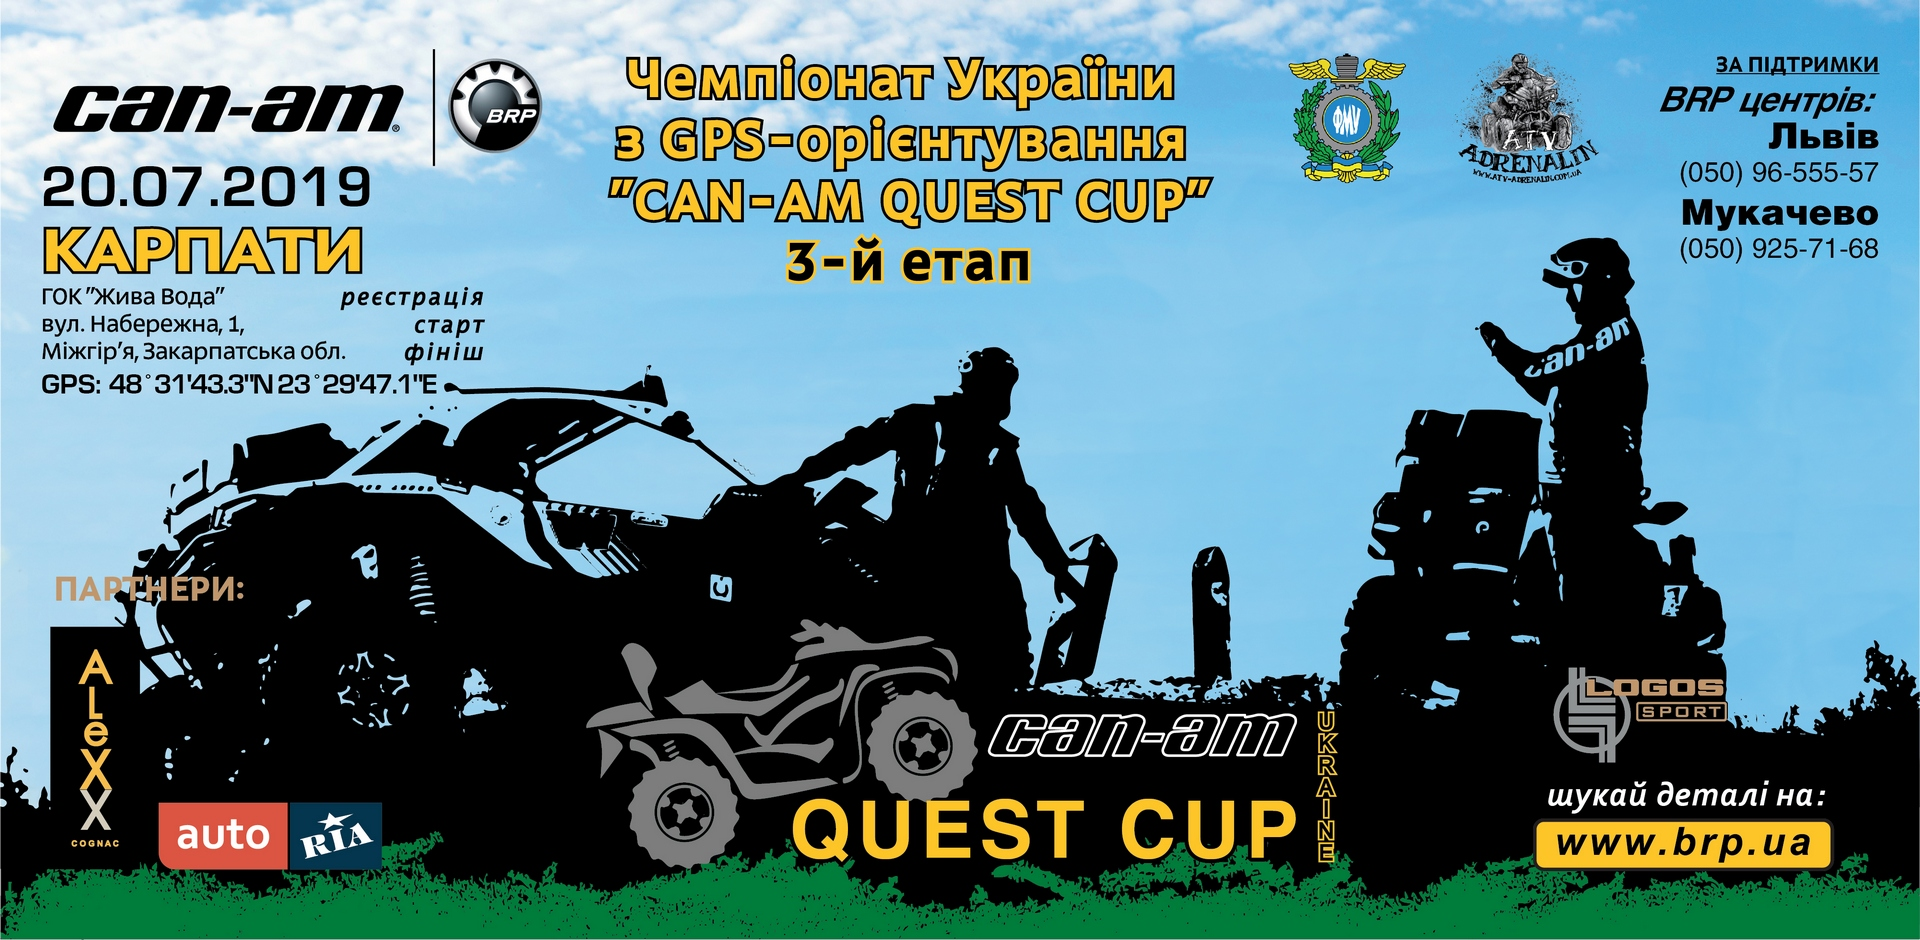 3-й етап ЧУ з GPS-орієнтування Can-Am Quest Cup в Закарпатті